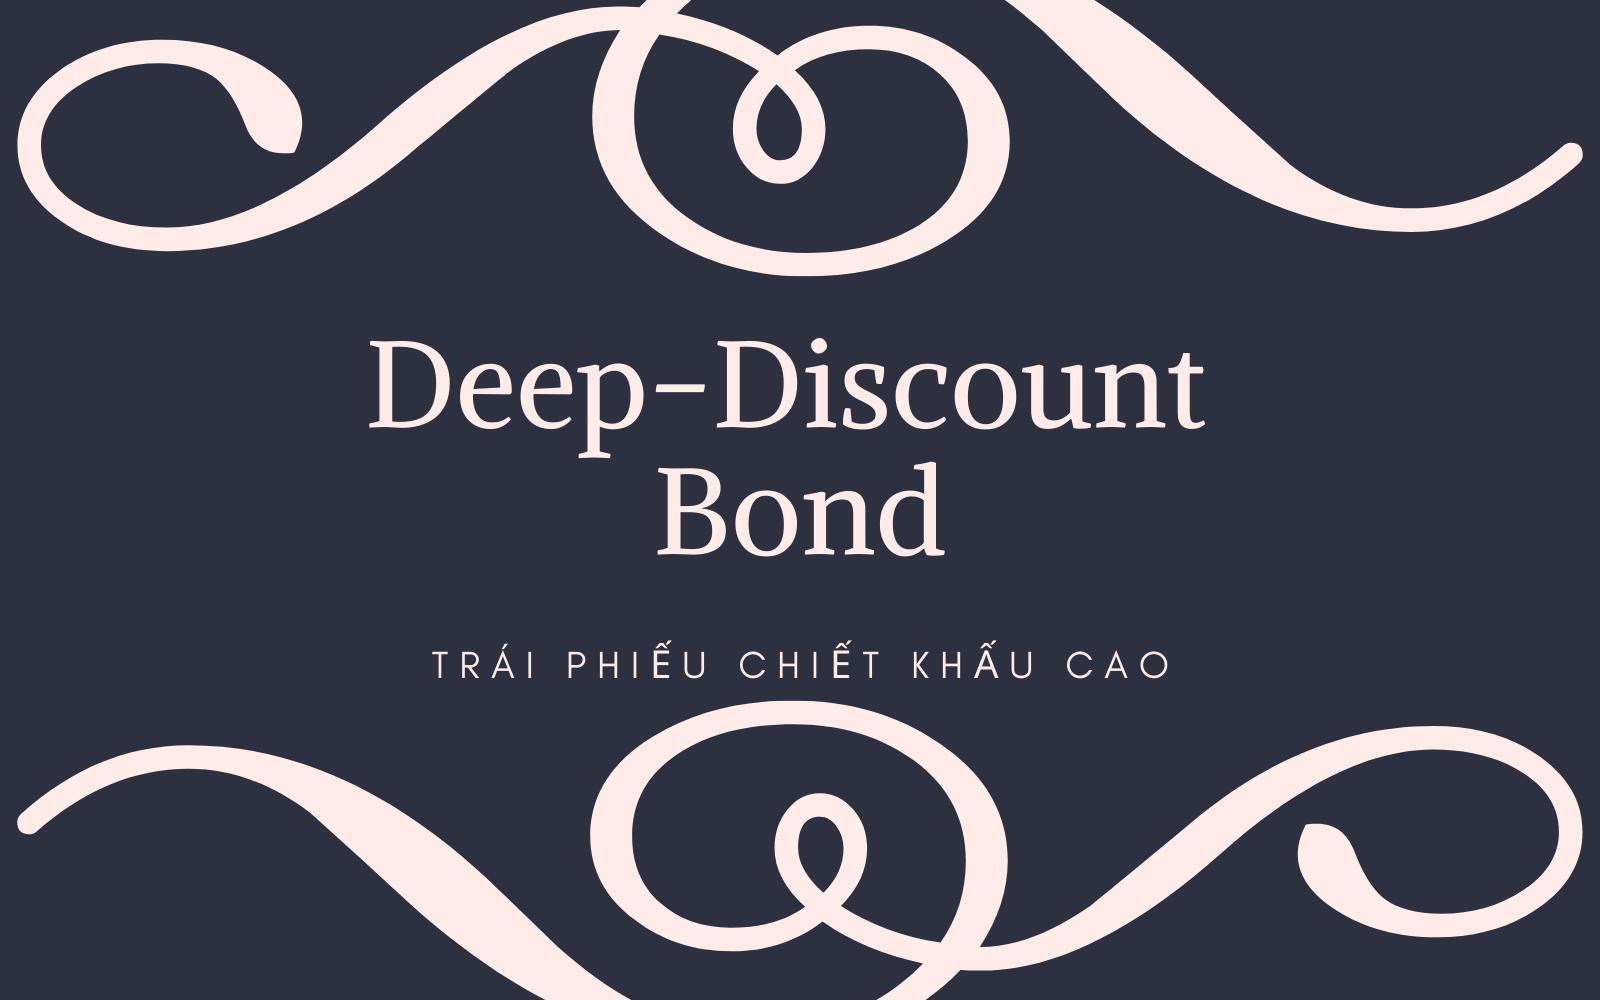 Trái phiếu chiết khấu cao (Deep-Discount Bond) là gì? Nội dung về Trái phiếu chiết khấu cao - Ảnh 1.